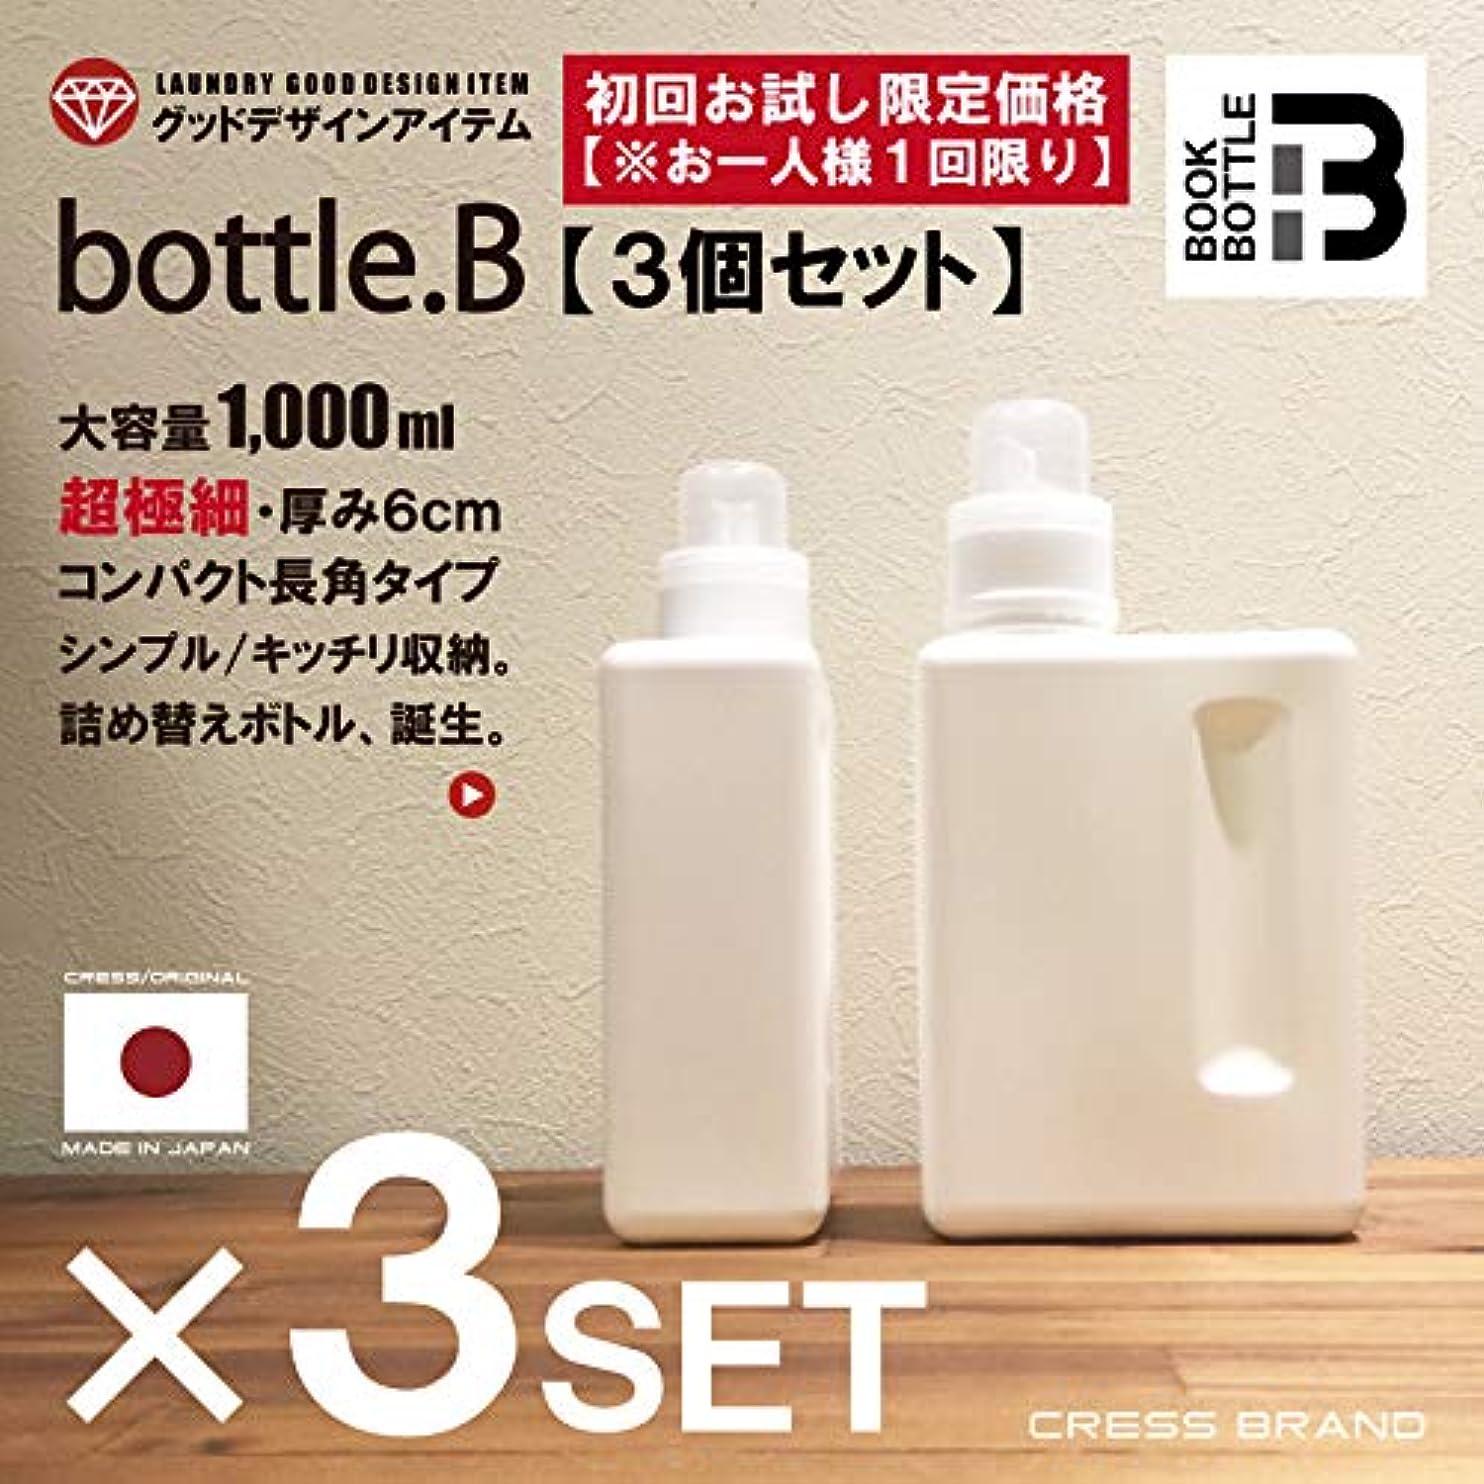 潜在的な式慢な<3個セット>bottle.B-3set【初回お試し限定価格?お一人さ様1回限り】[クレス?オリジナルボトル]1000ml BOOK-BOTTLE